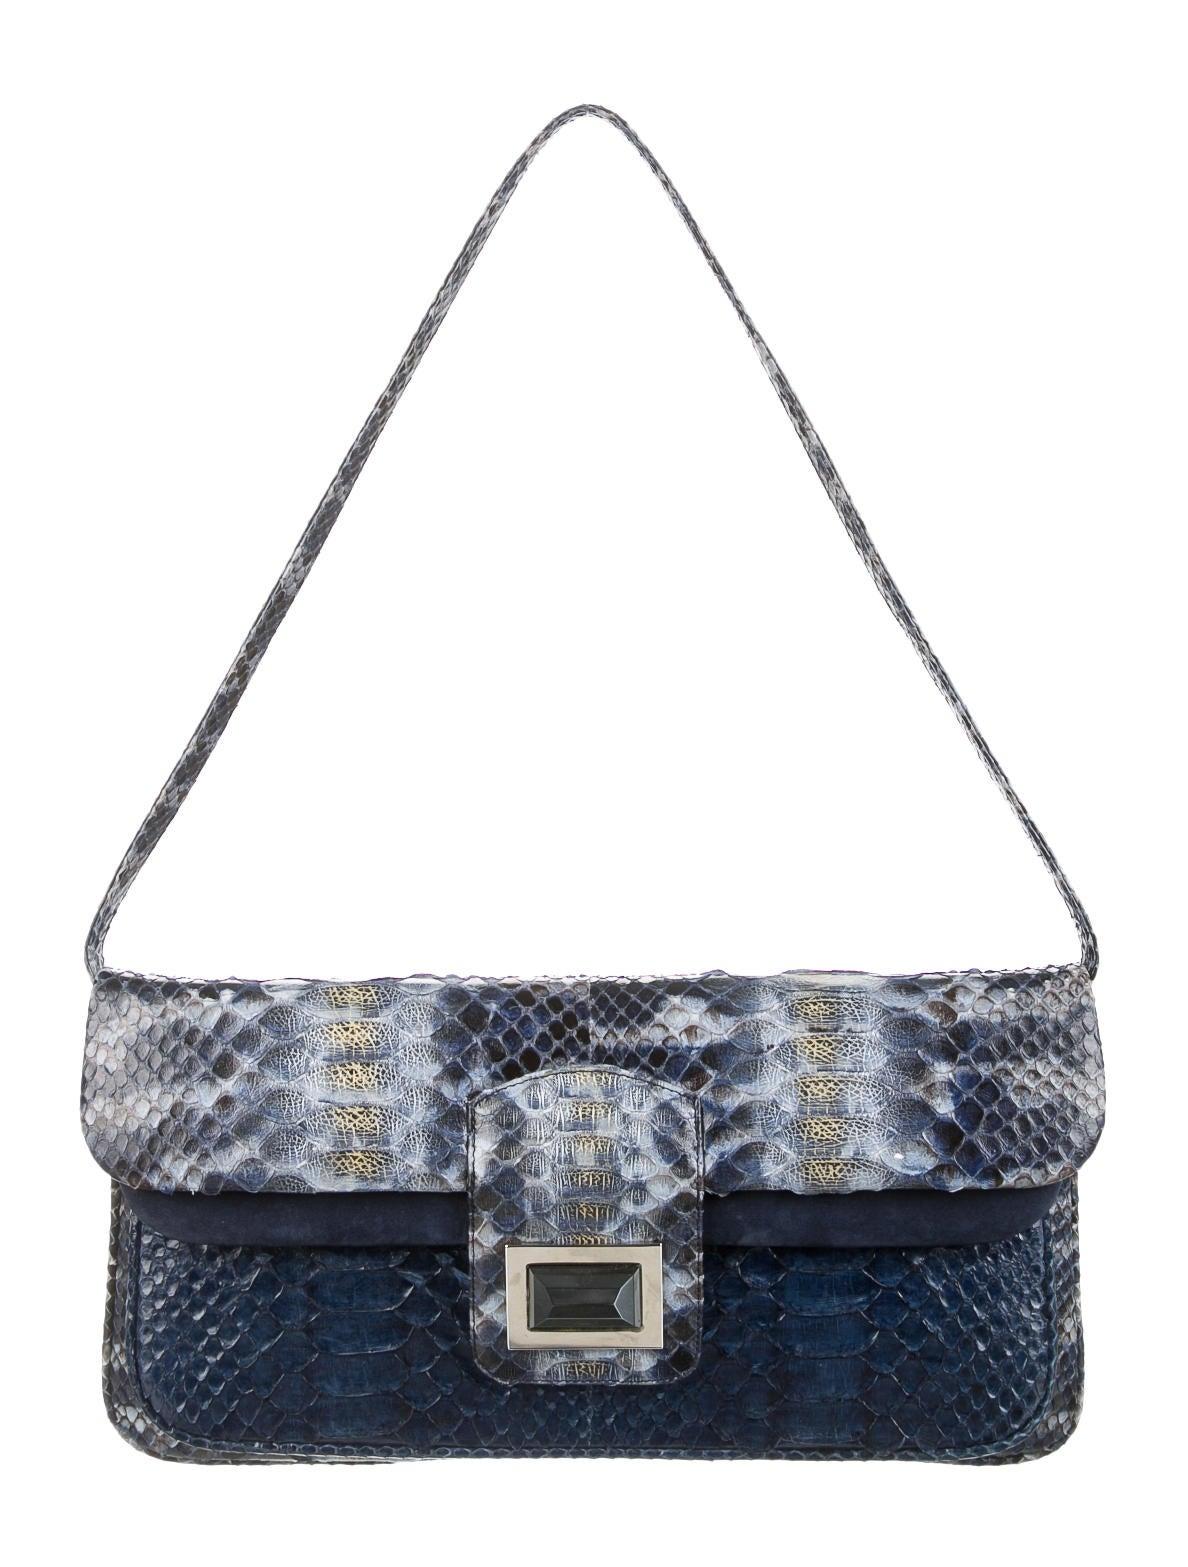 Kara Ross Python Shoulder Bag Handbags Krs20152 The